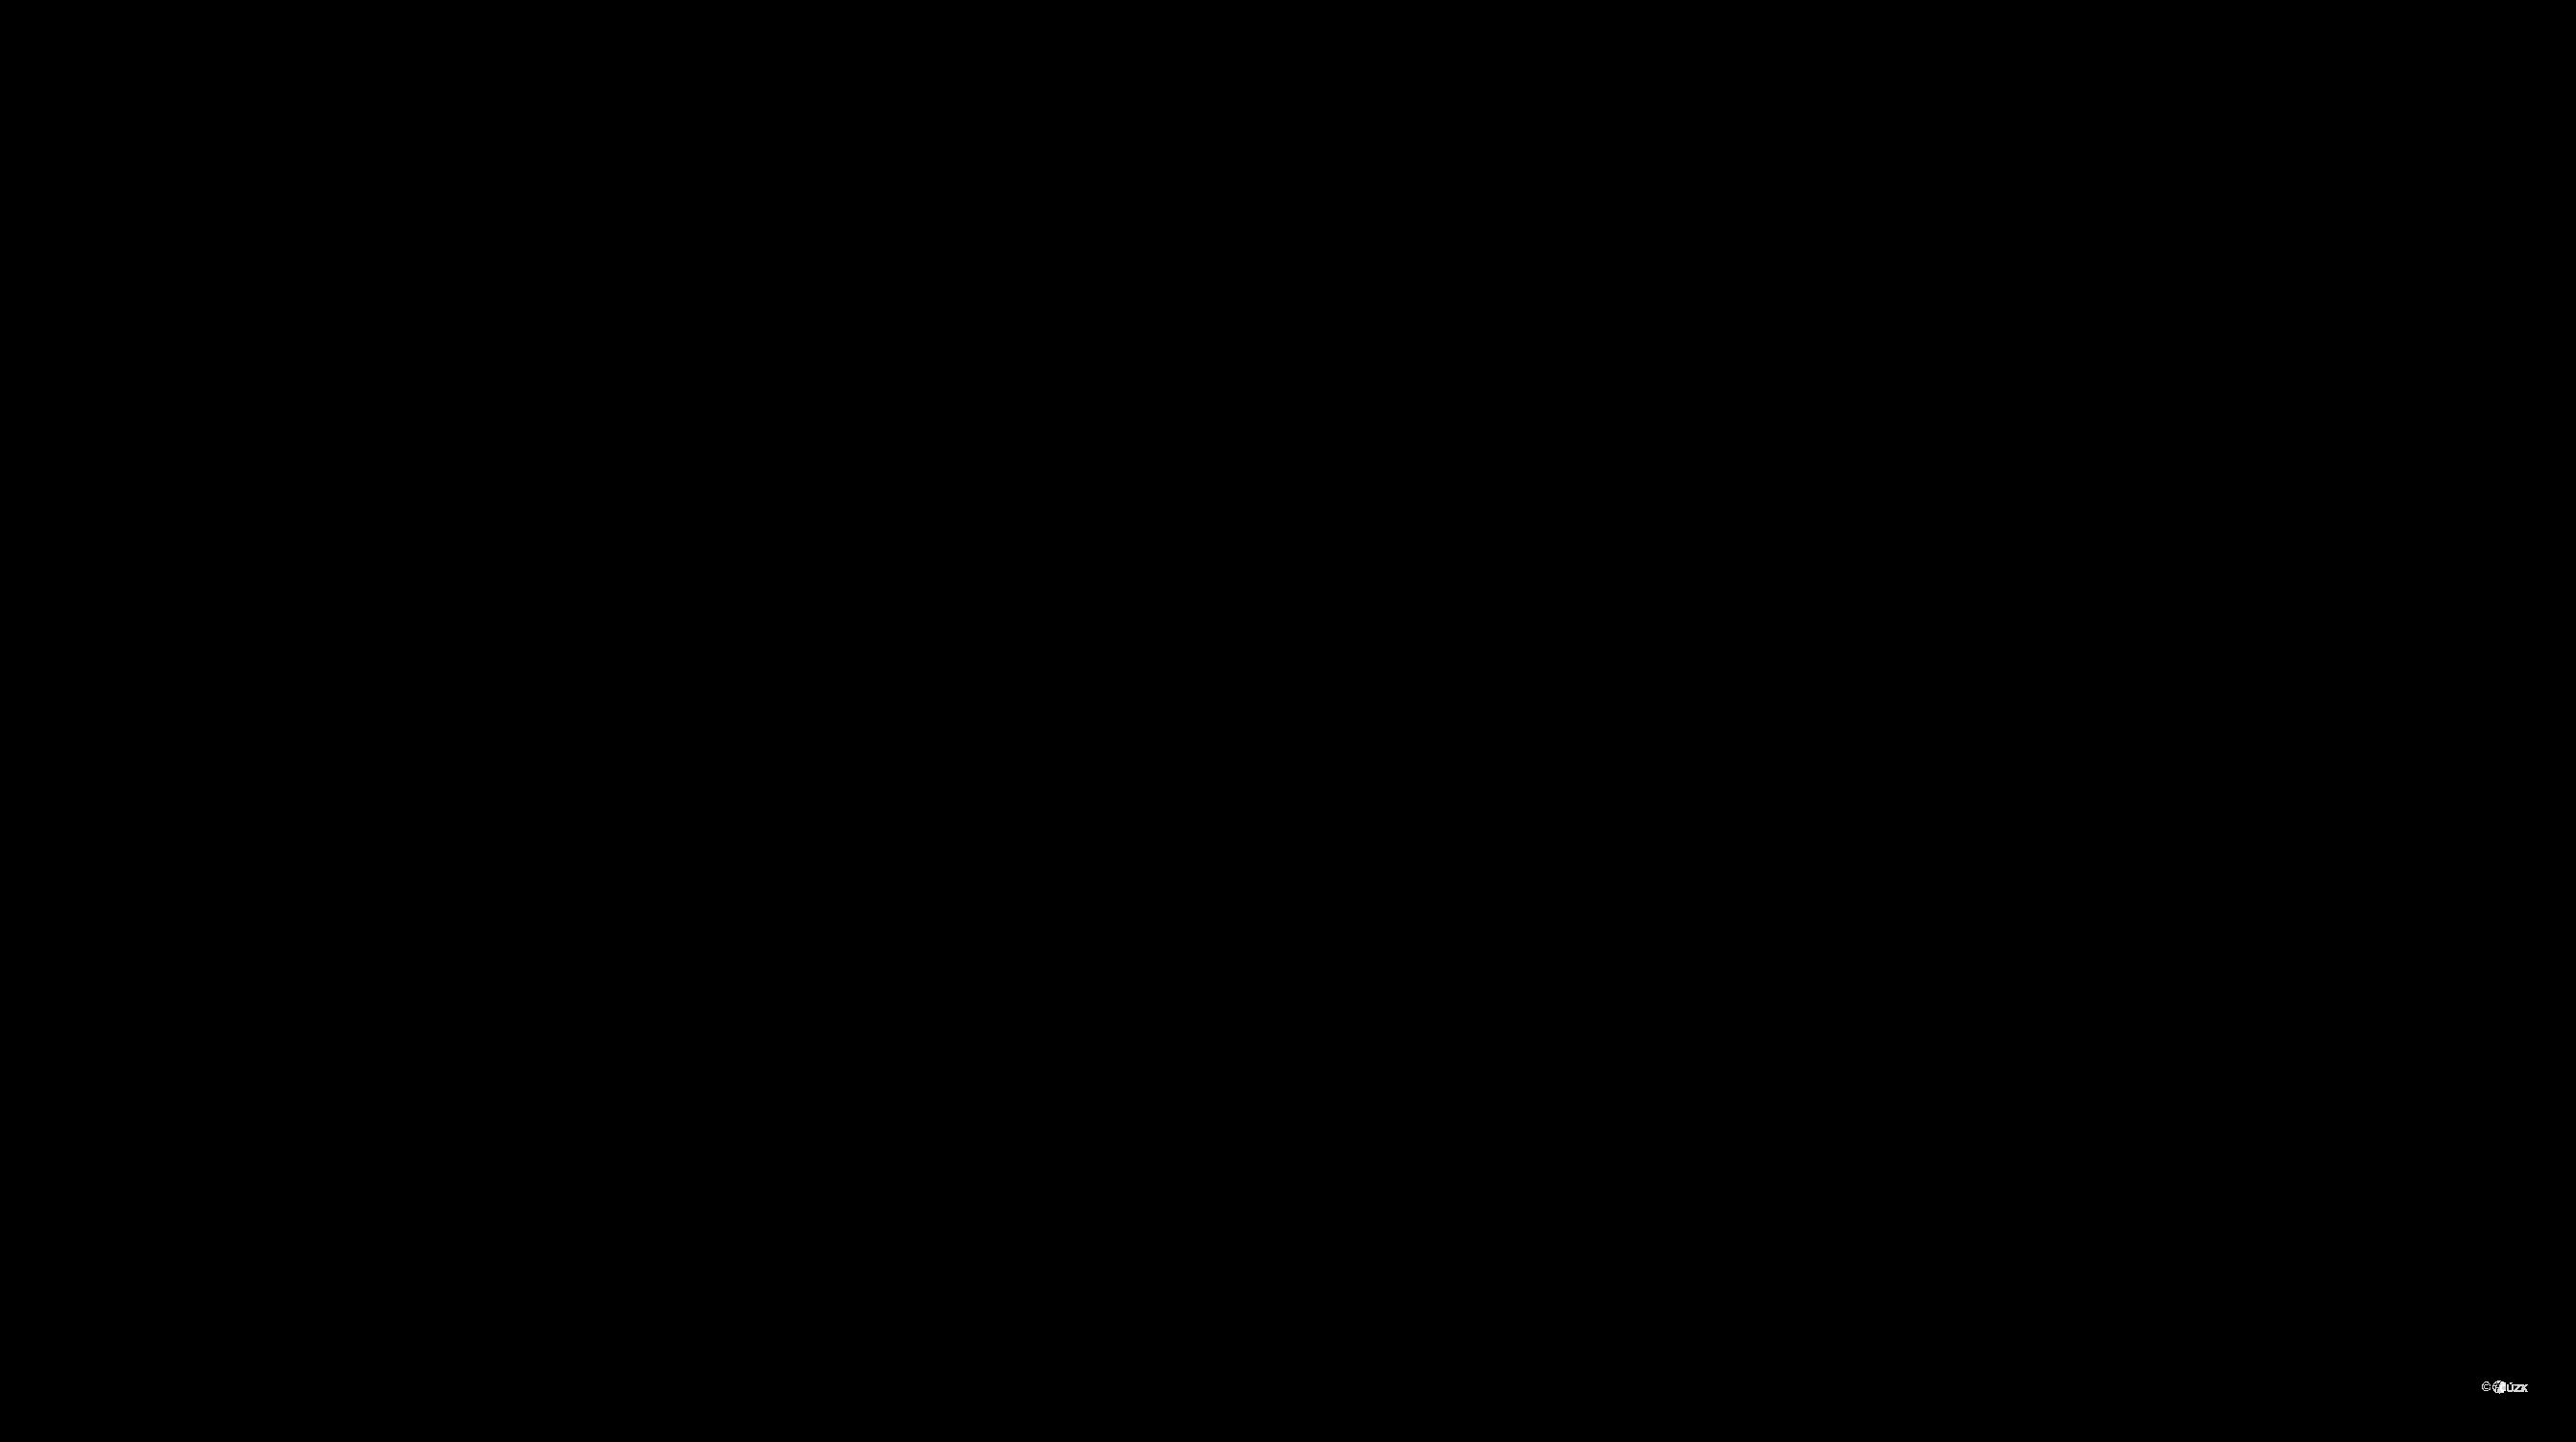 Katastrální mapa pozemků a čísla parcel Rájec nad Svitavou